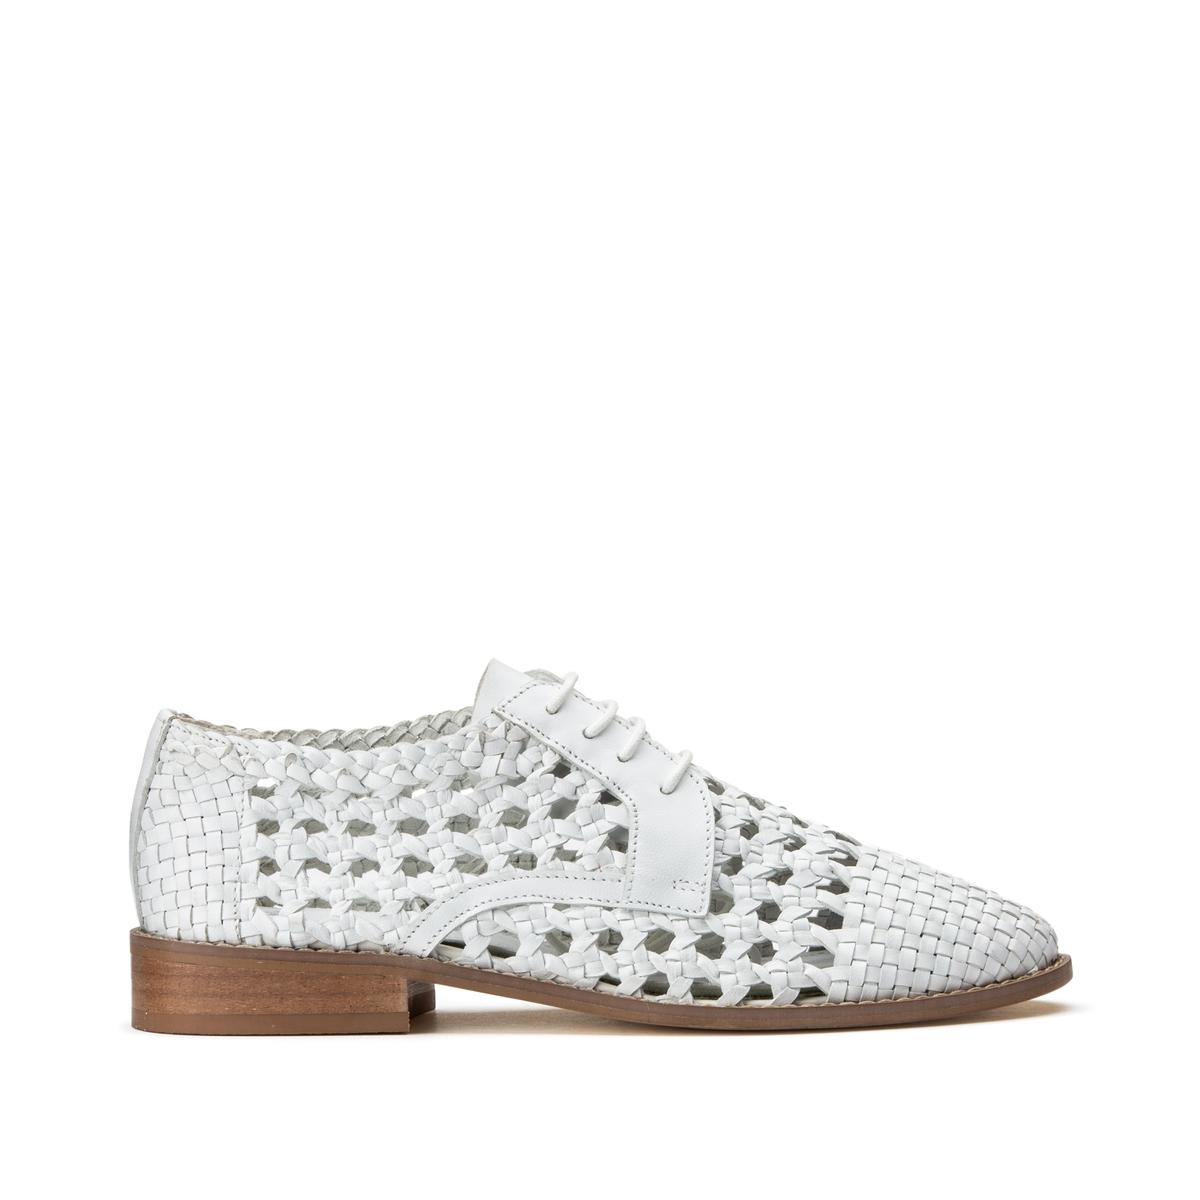 Ботинки-дерби La Redoute Кожаные ажурные на шнуровке 40 белый цена